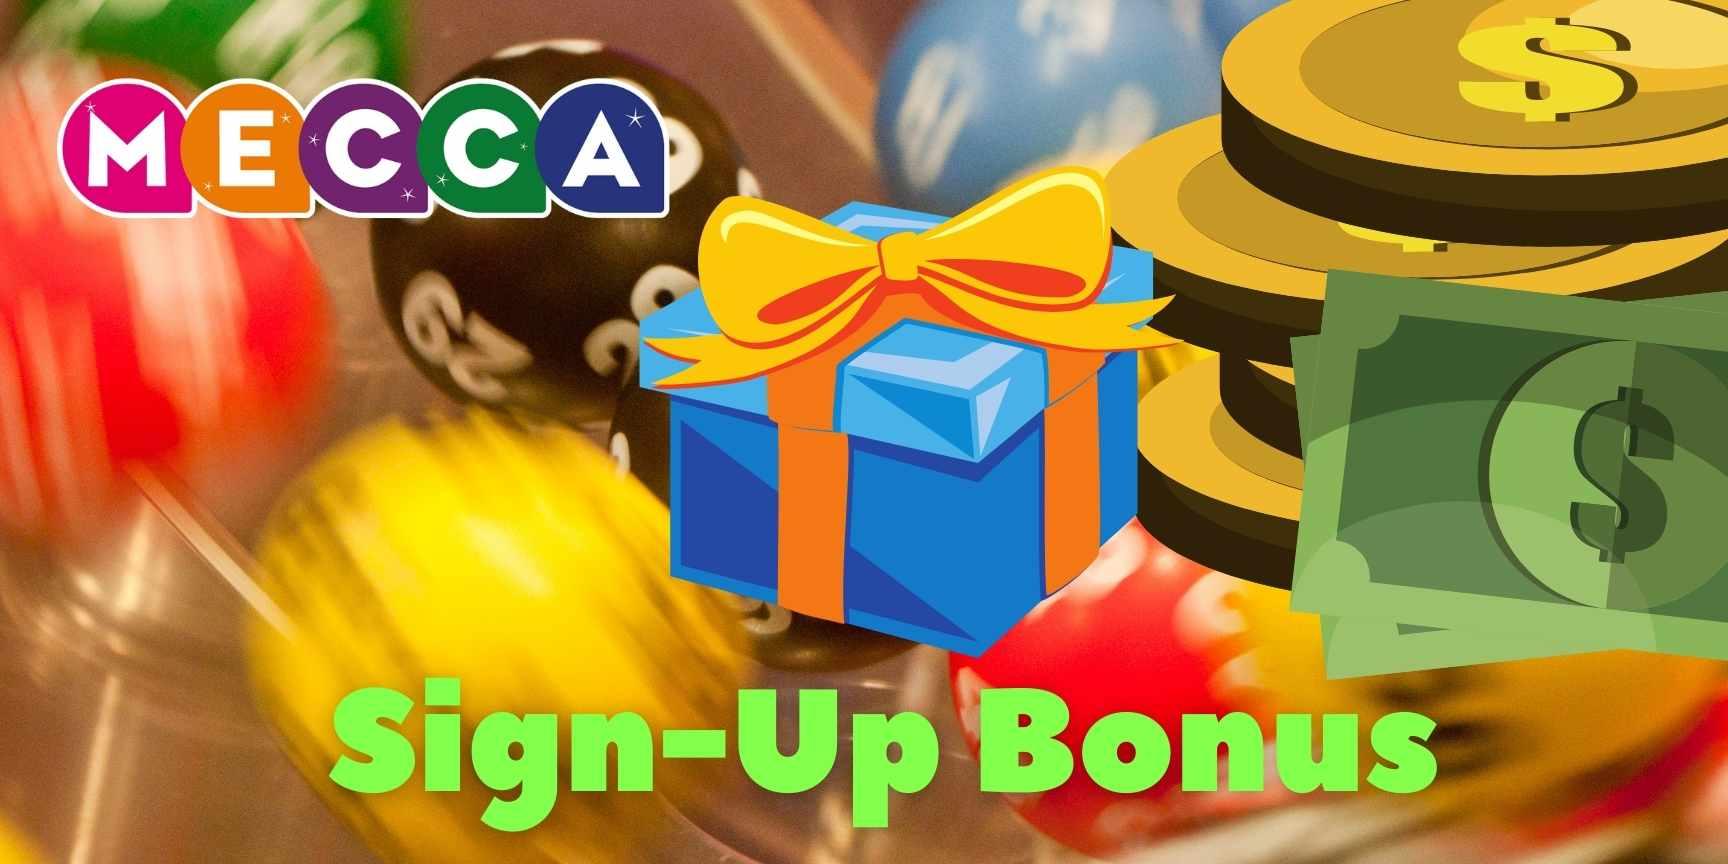 mecca sign up bonus